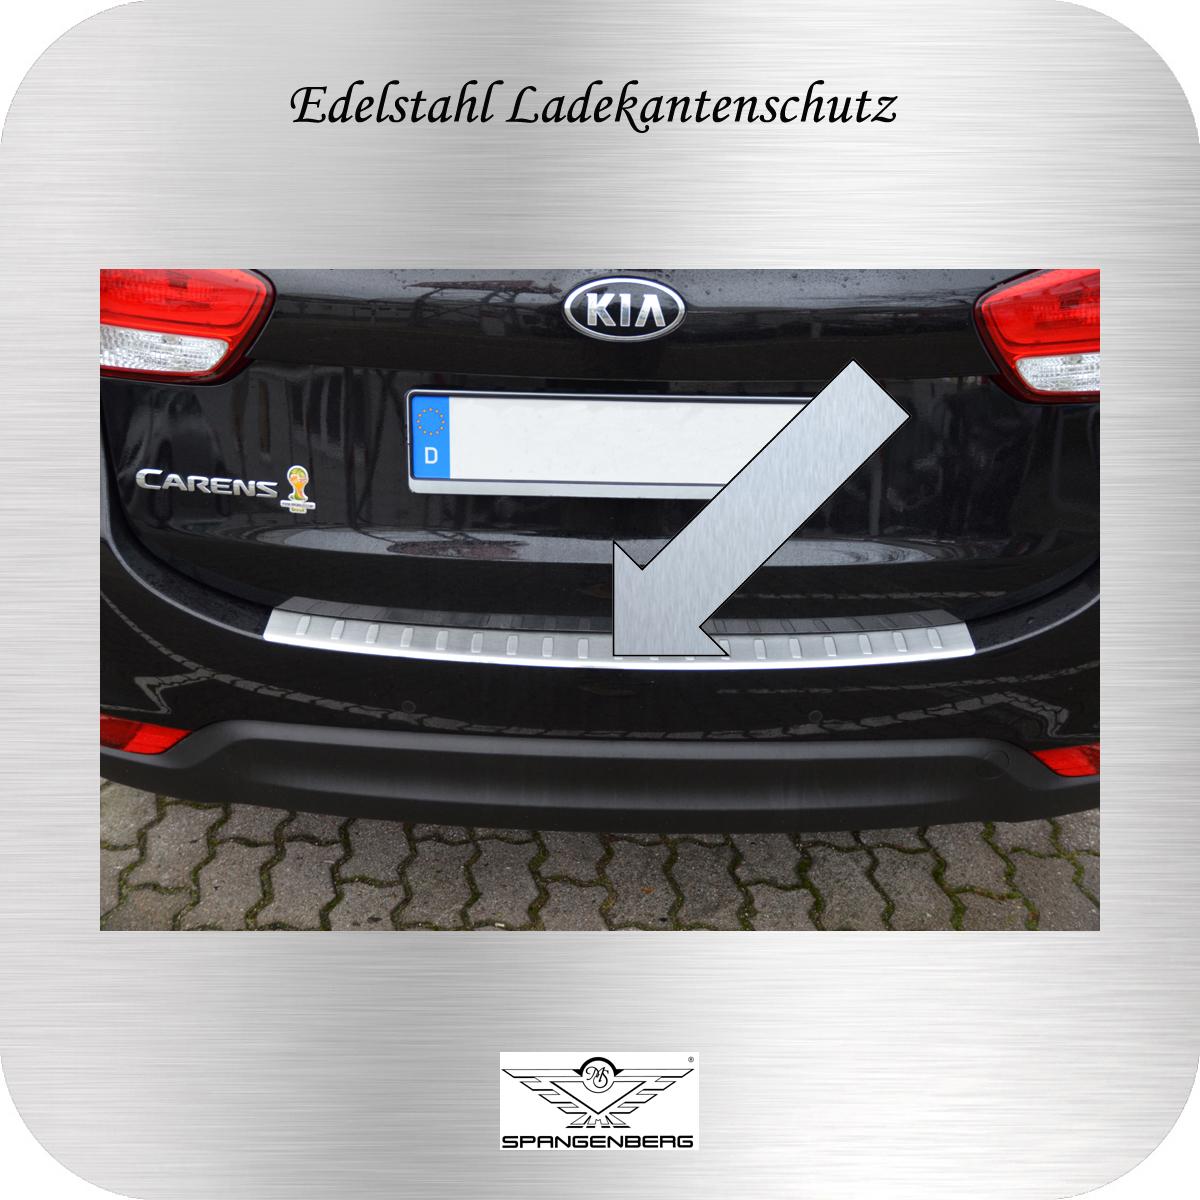 Ladekantenschutz Edelstahl Kia Carens IV Van Kombi 2013- 3235648